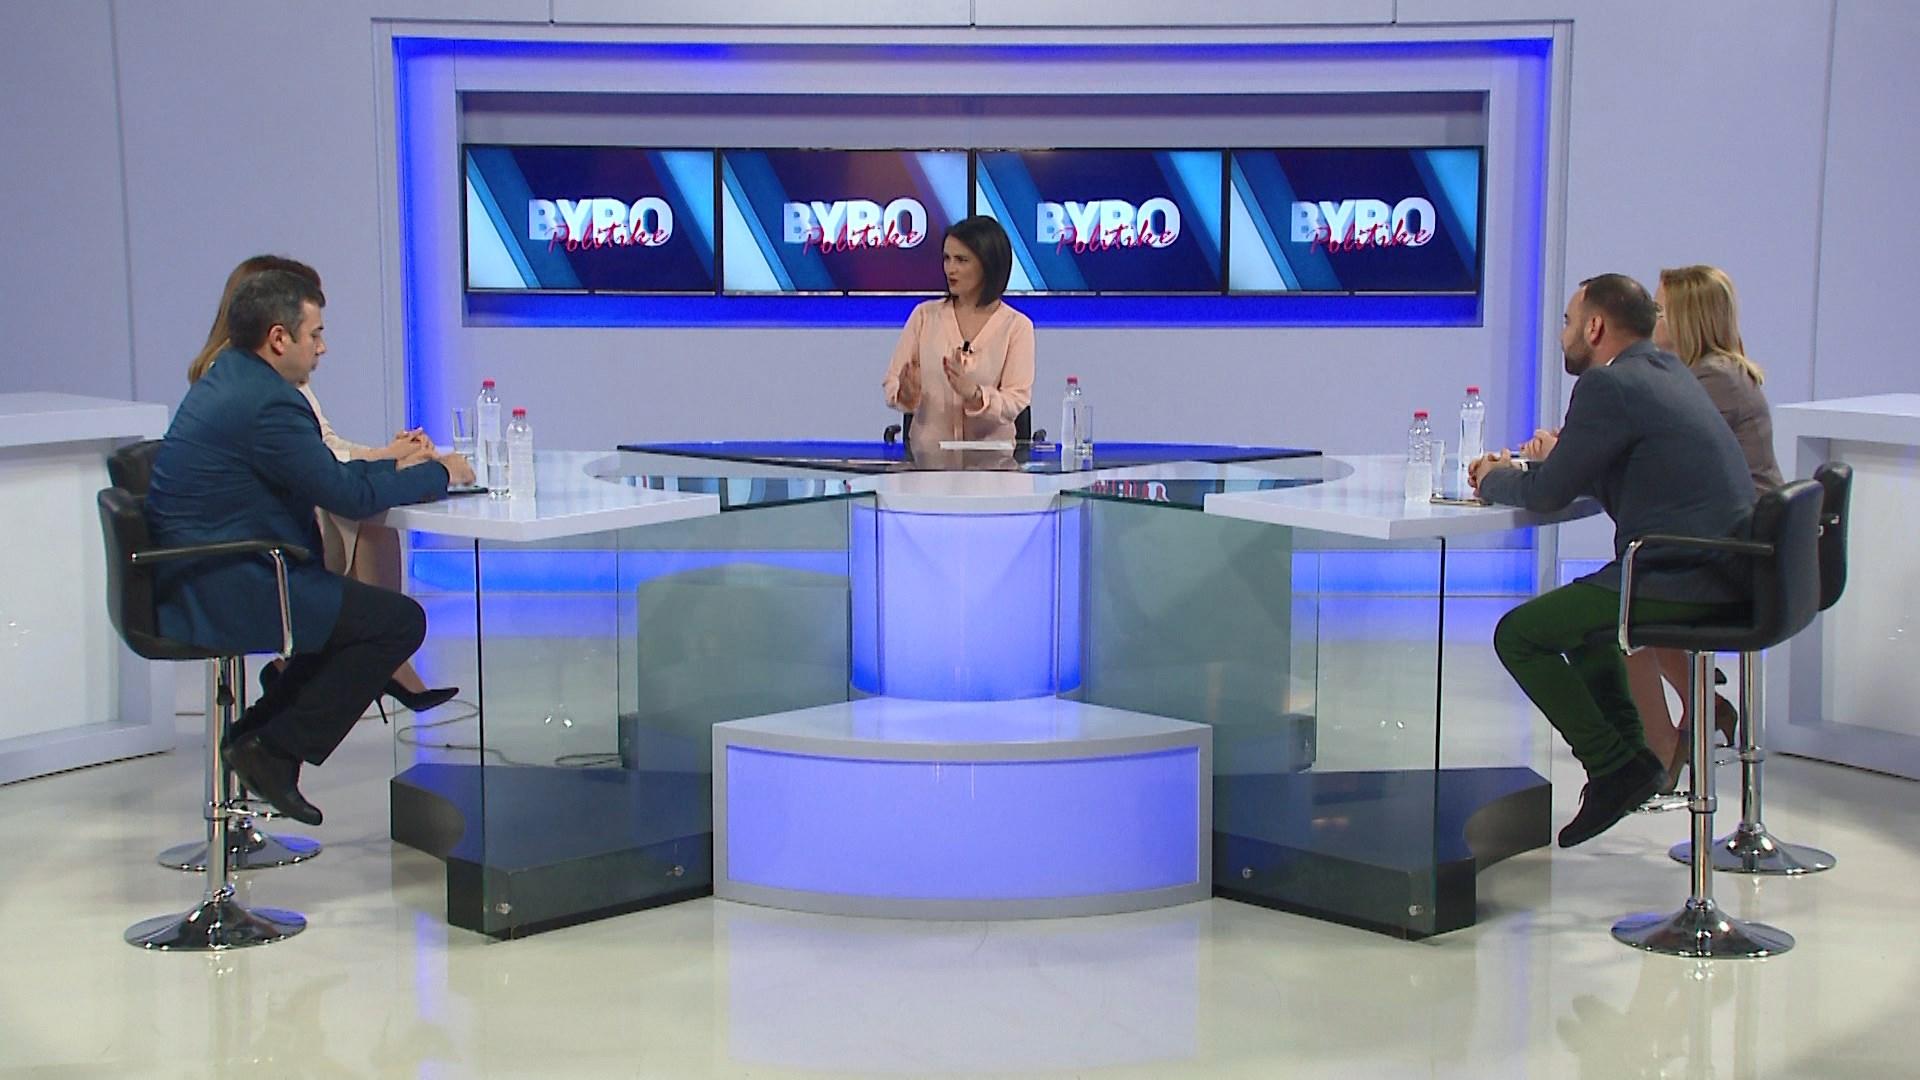 Debati për përmbajtjen e progres raportit në Byro Politike